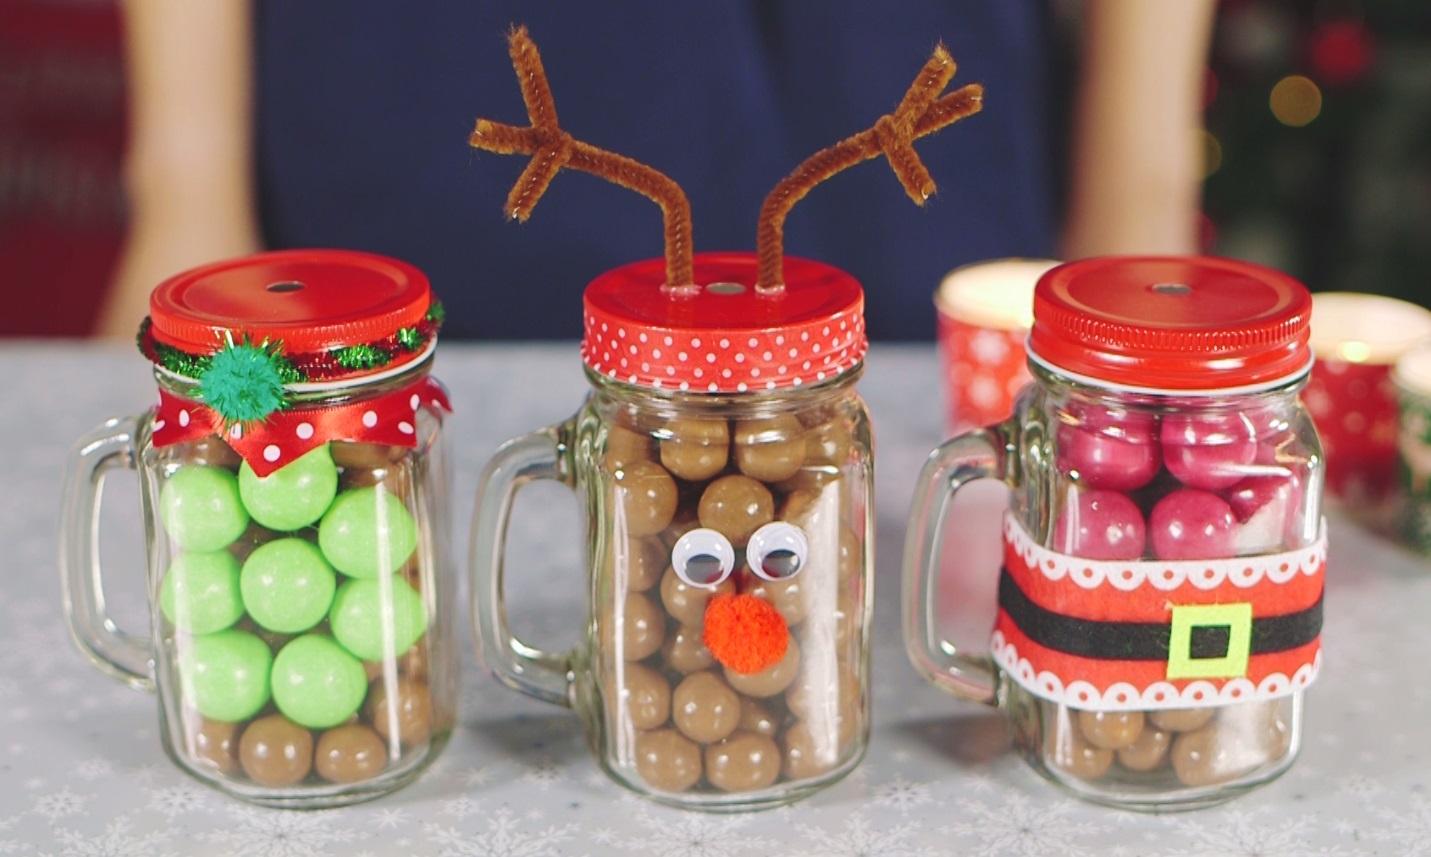 Poundland Christmas Mason Jar Gifts With Maltesers